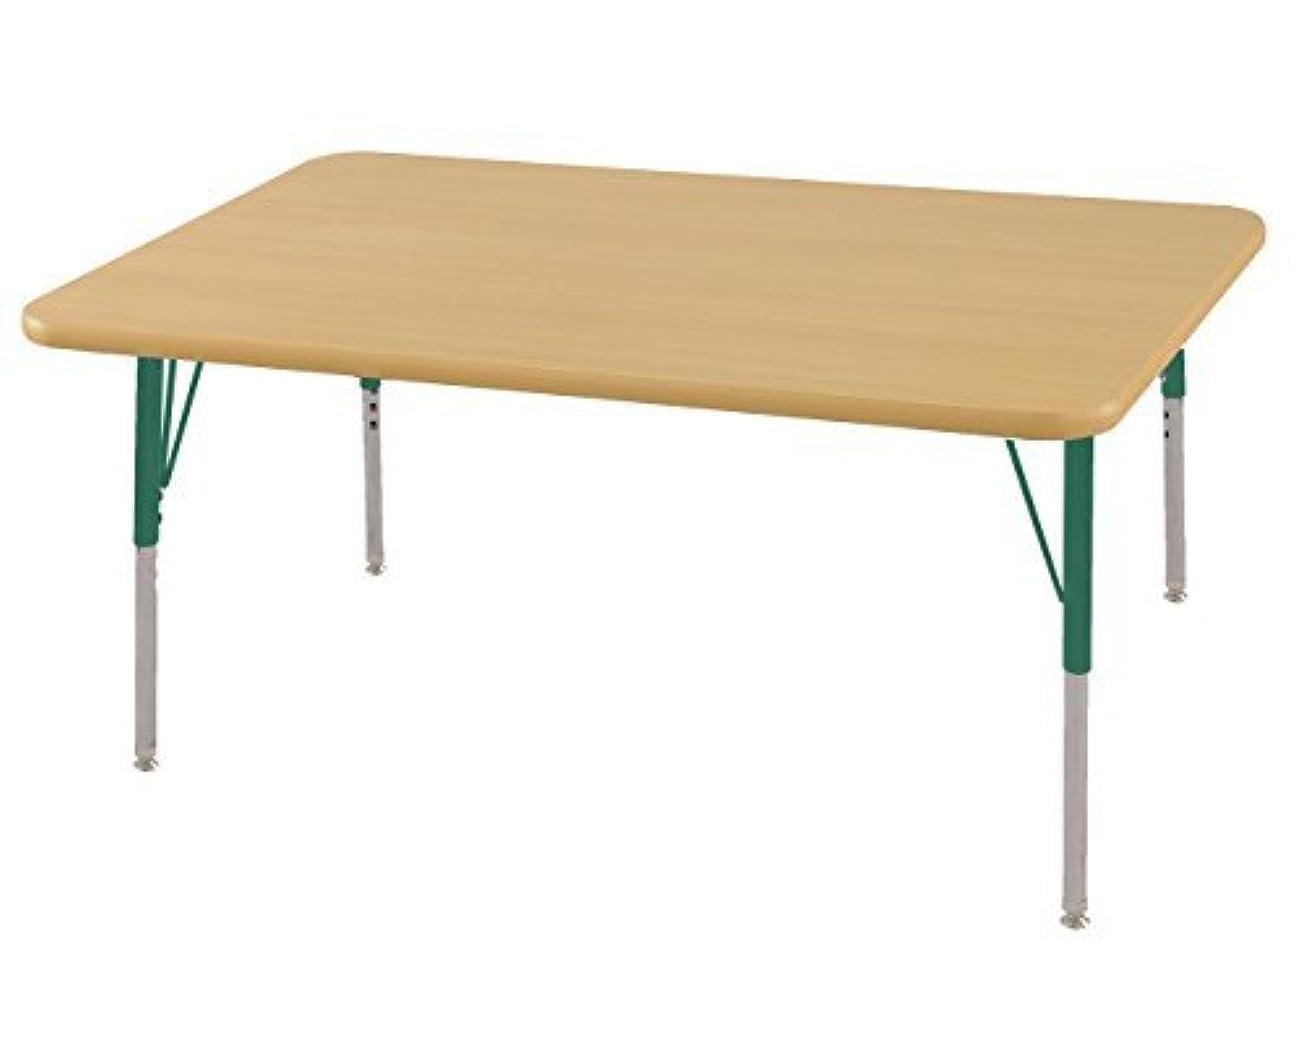 過ち剃る聖人ECR4Kids Mesa T-Mold 30 x 48 Rectangular School Activity Table Standard Legs w/Swivel Glides Adjustable Height 19-30 inch (Maple/Green) [並行輸入品]